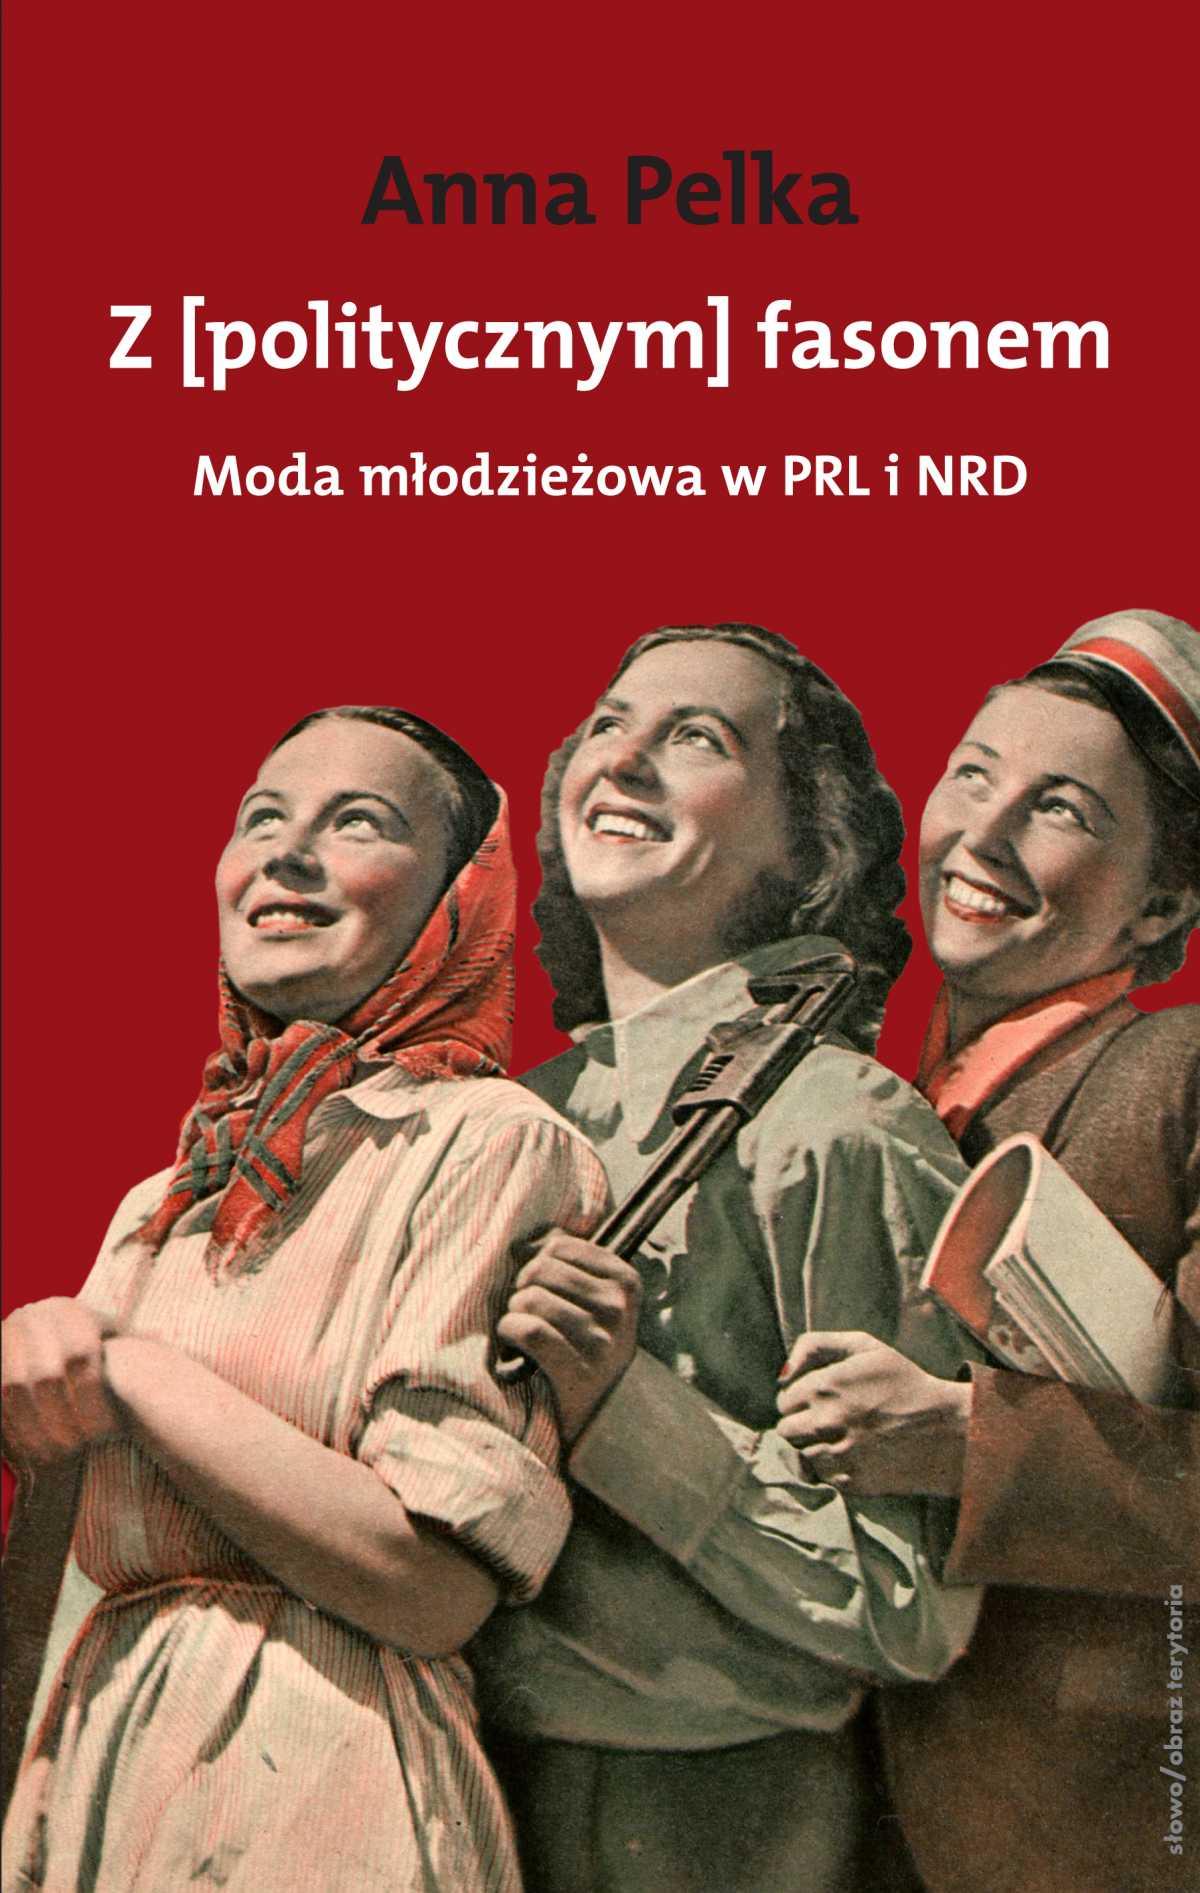 Z politycznym fasonem. Moda młodzieżowa w PRL i NRD - Ebook (Książka EPUB) do pobrania w formacie EPUB